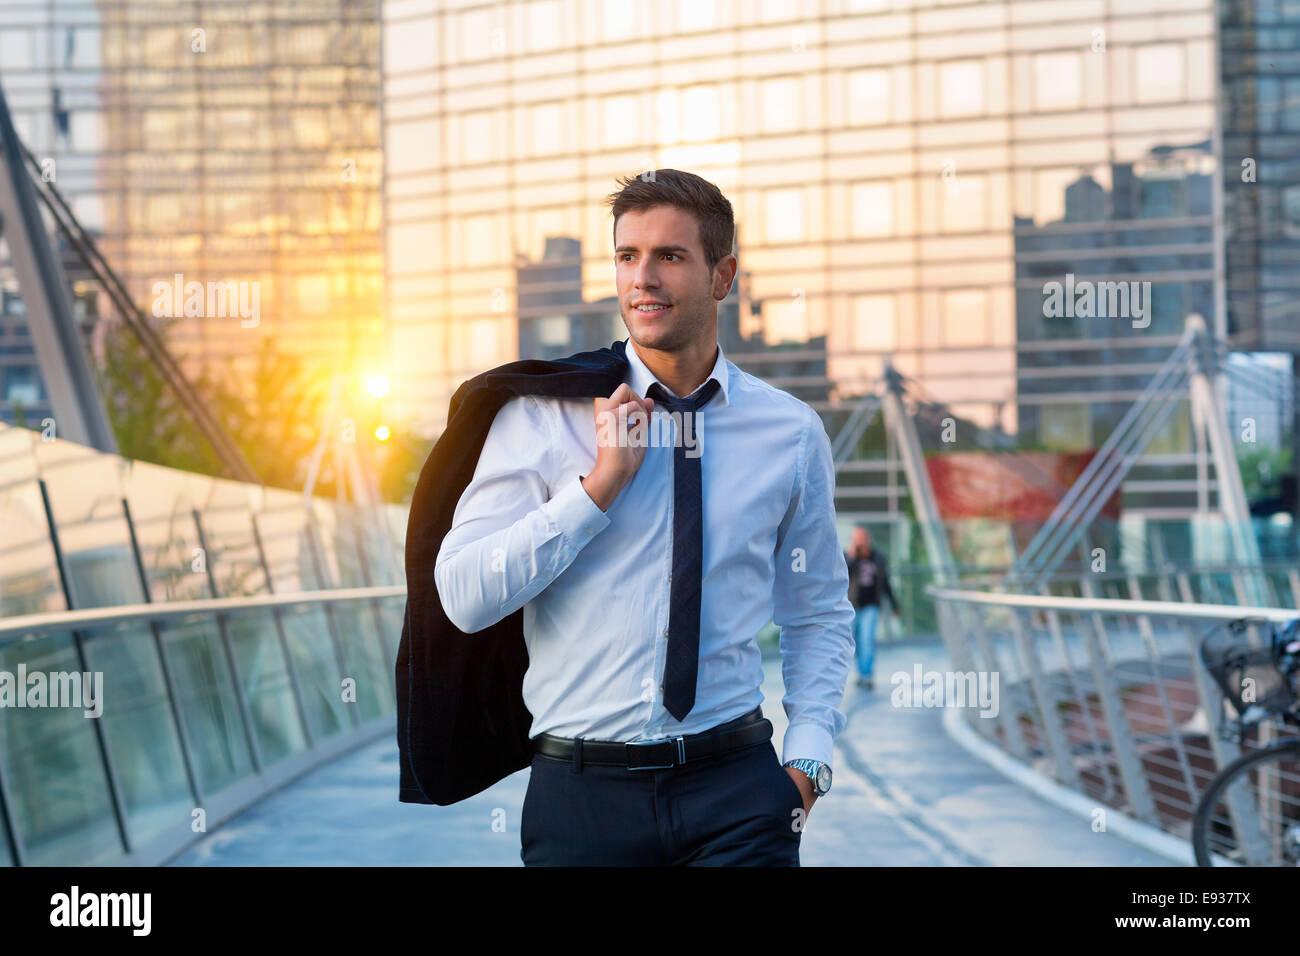 Businessman walking - Stock Image